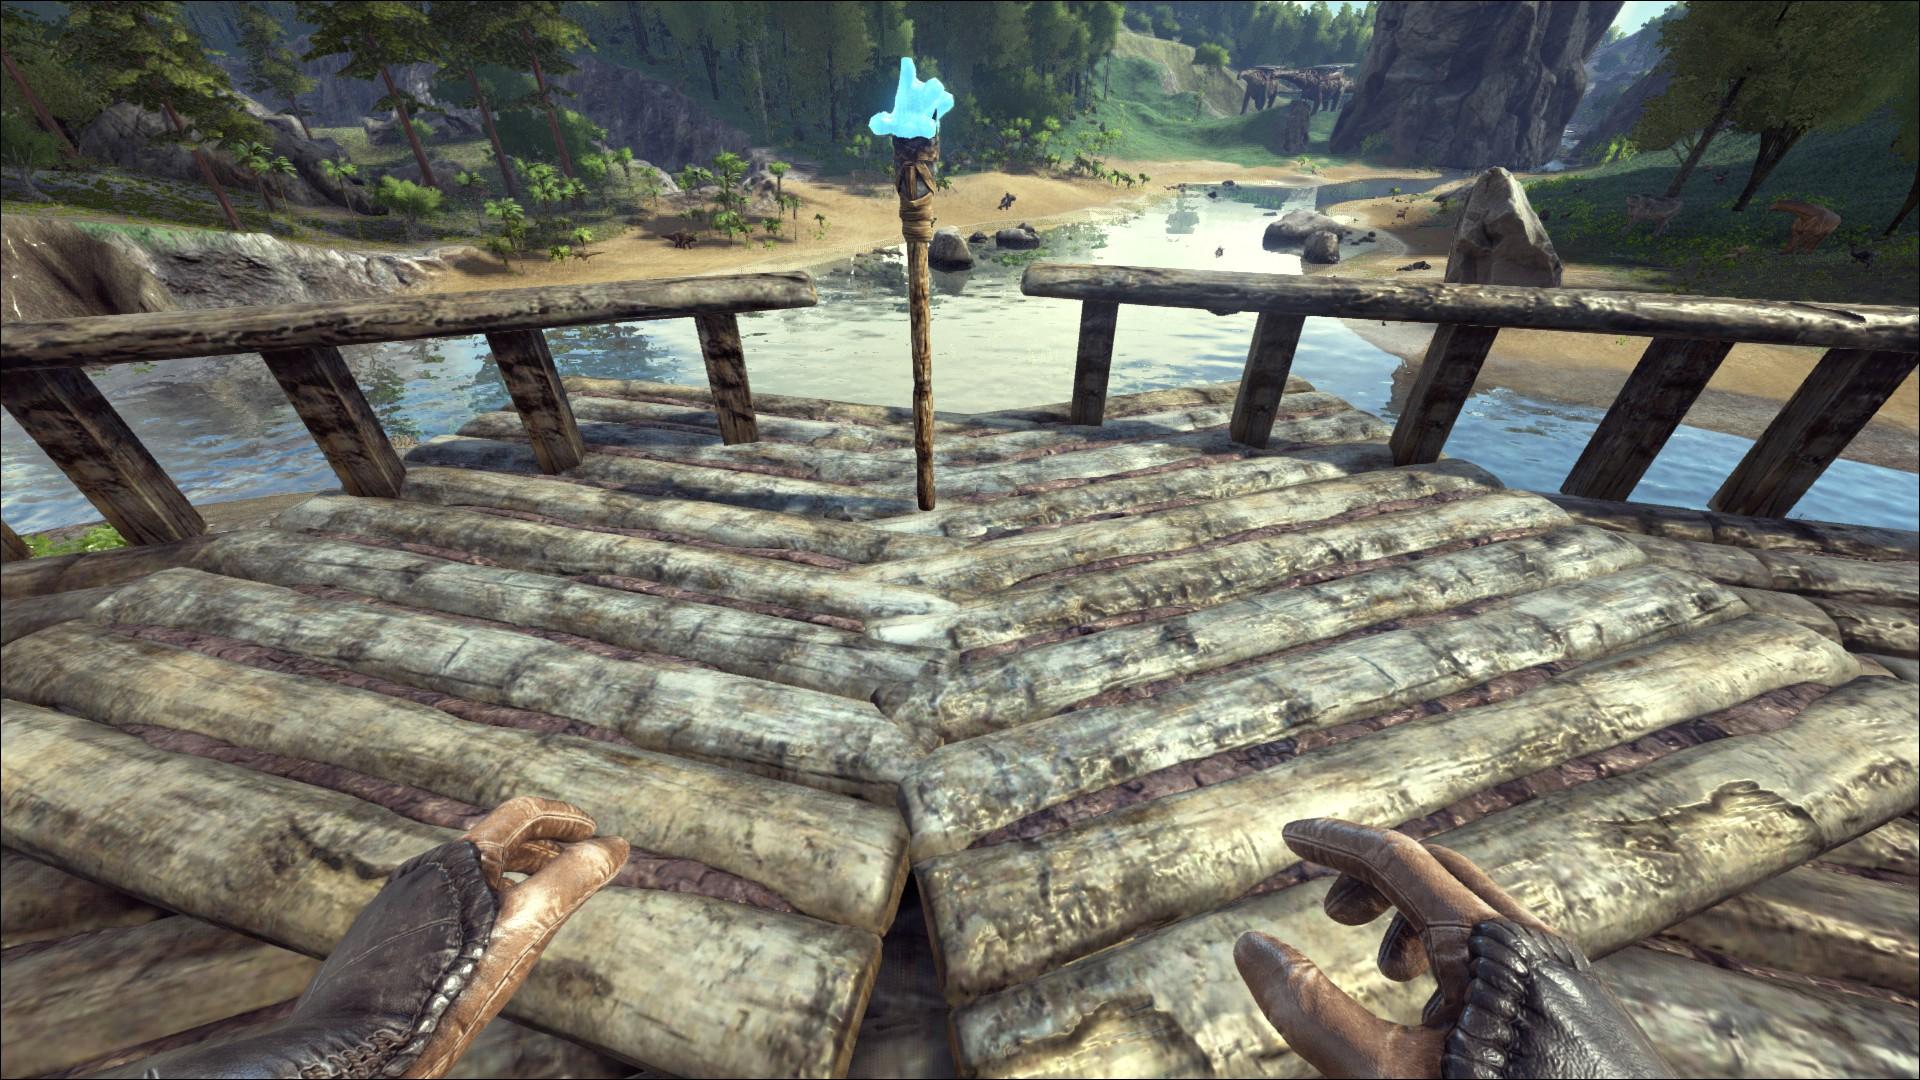 Das Baumhaus In Ark Wie Kann Ich Es Bauen Tutorials Howto